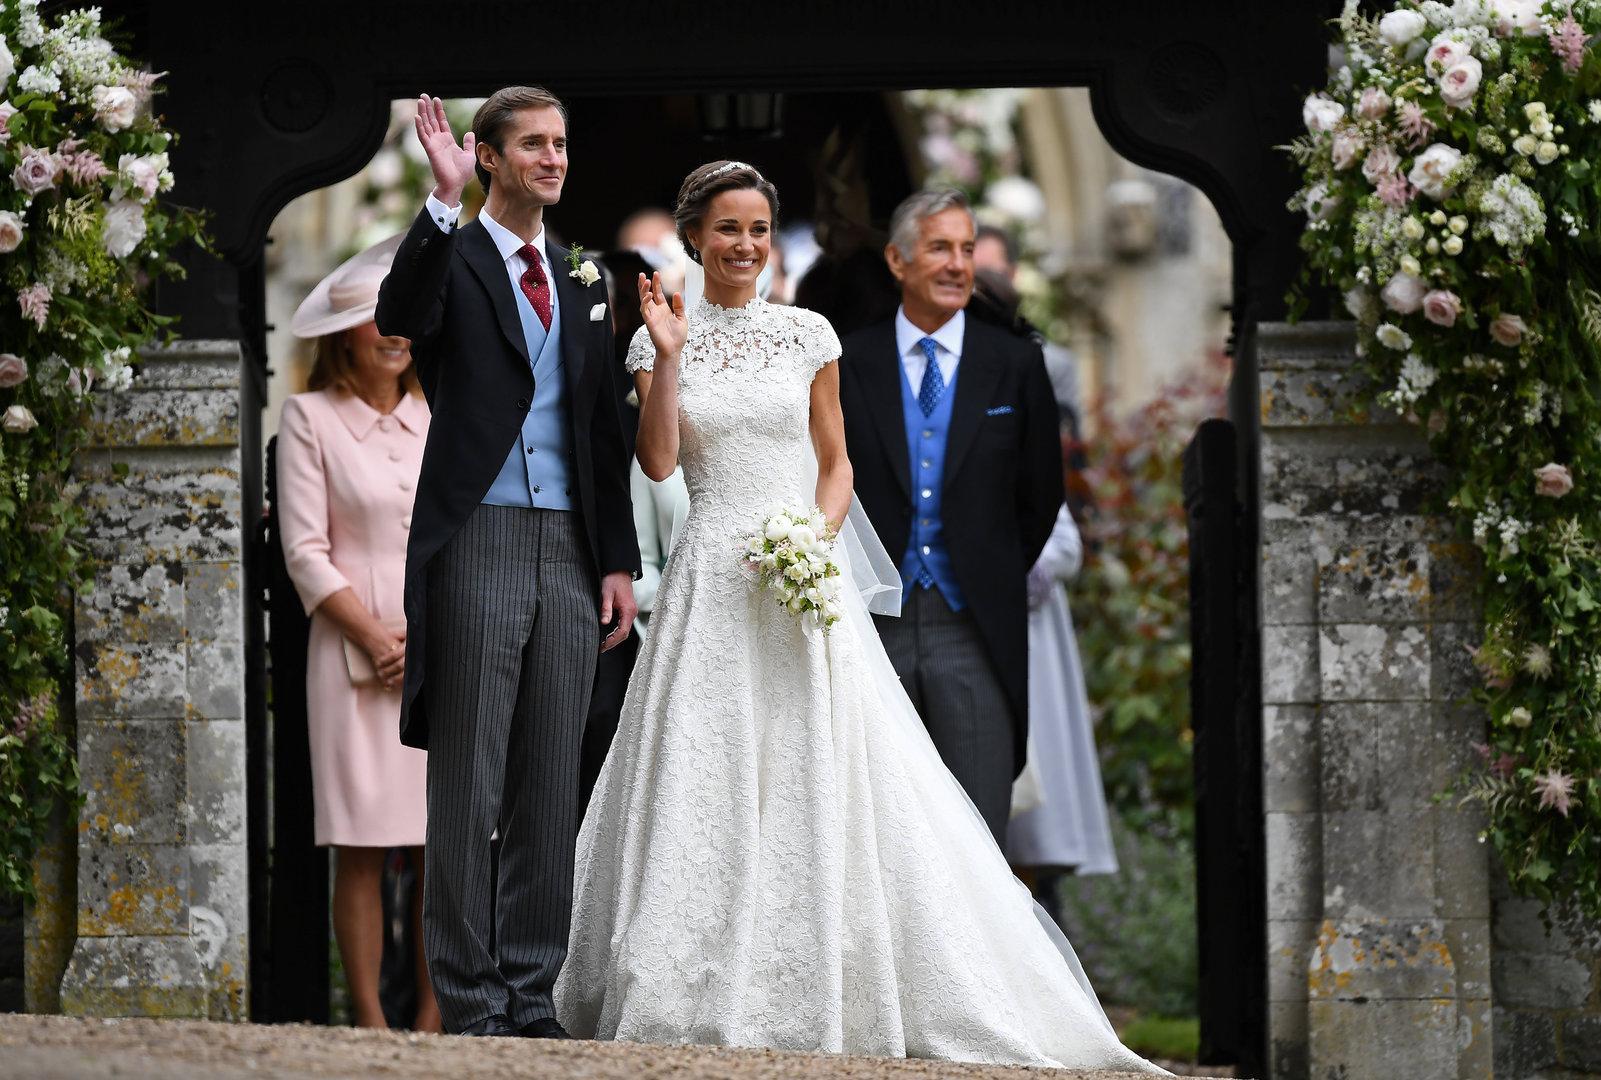 Missbrauchs-Vorwürfe gegen Schwiegervater von Pippa Middleton